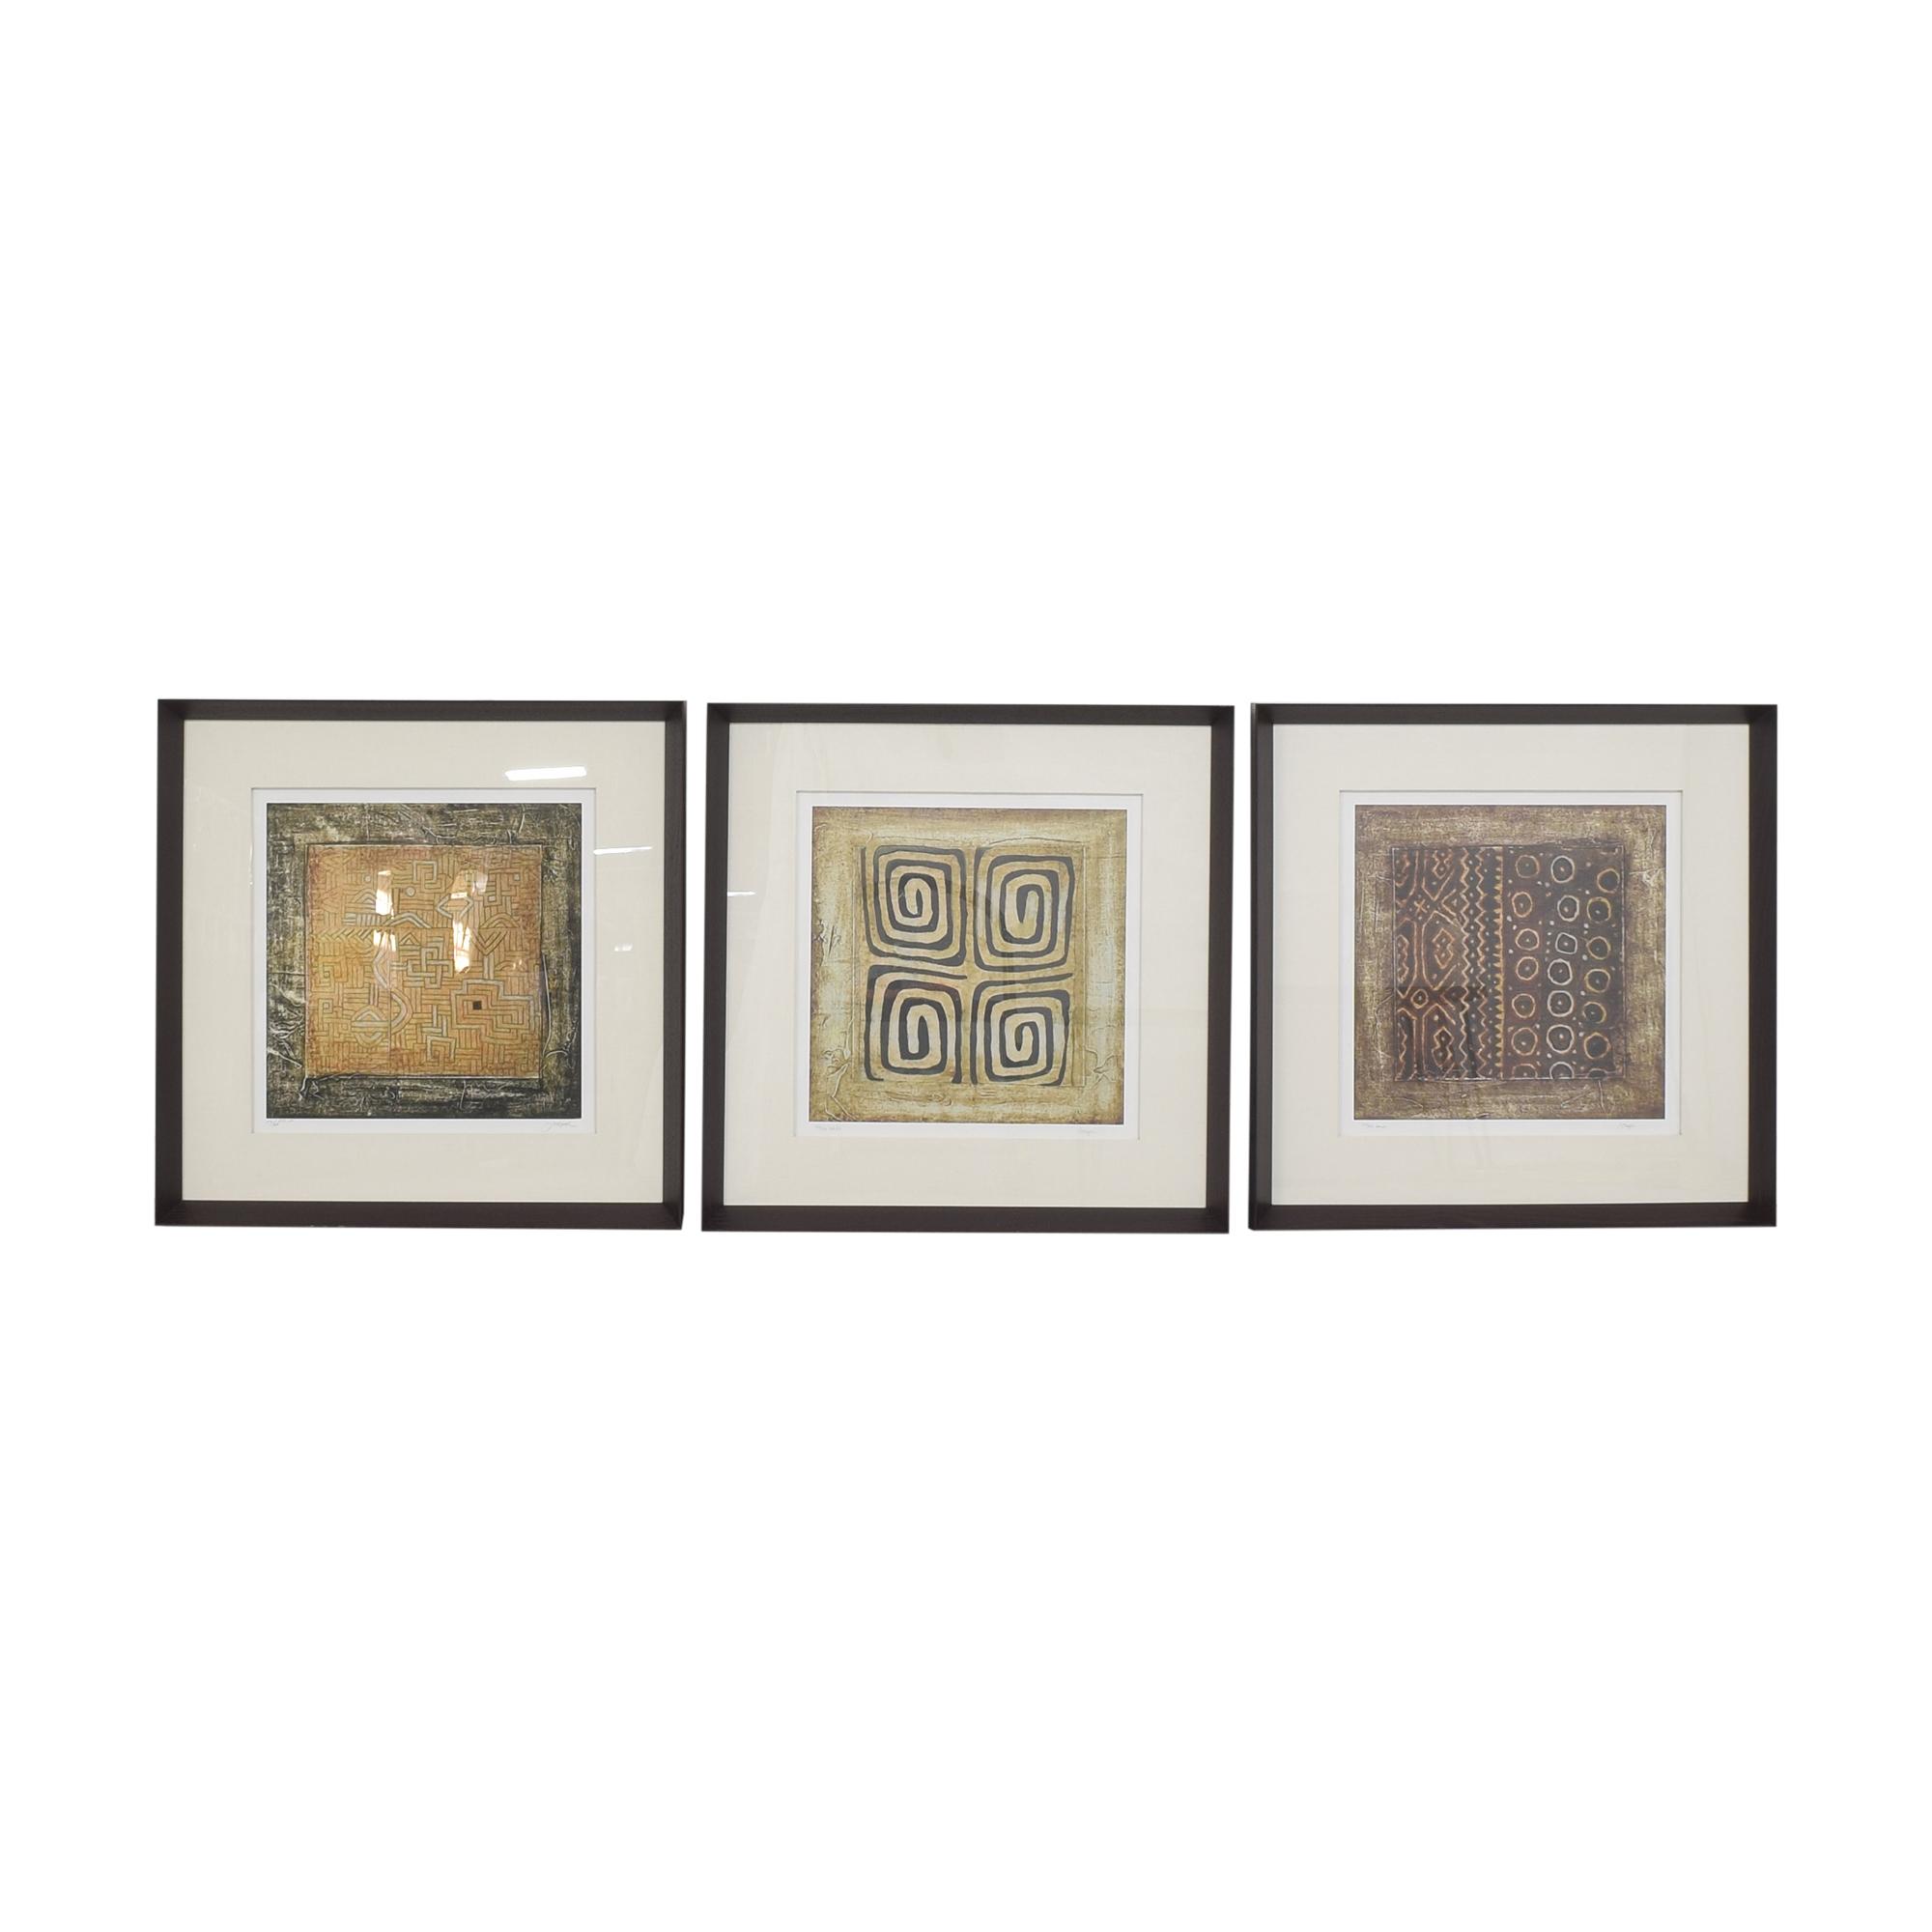 Ethan Allen Ethan Allen Cameroon Triptych Wall Art multi